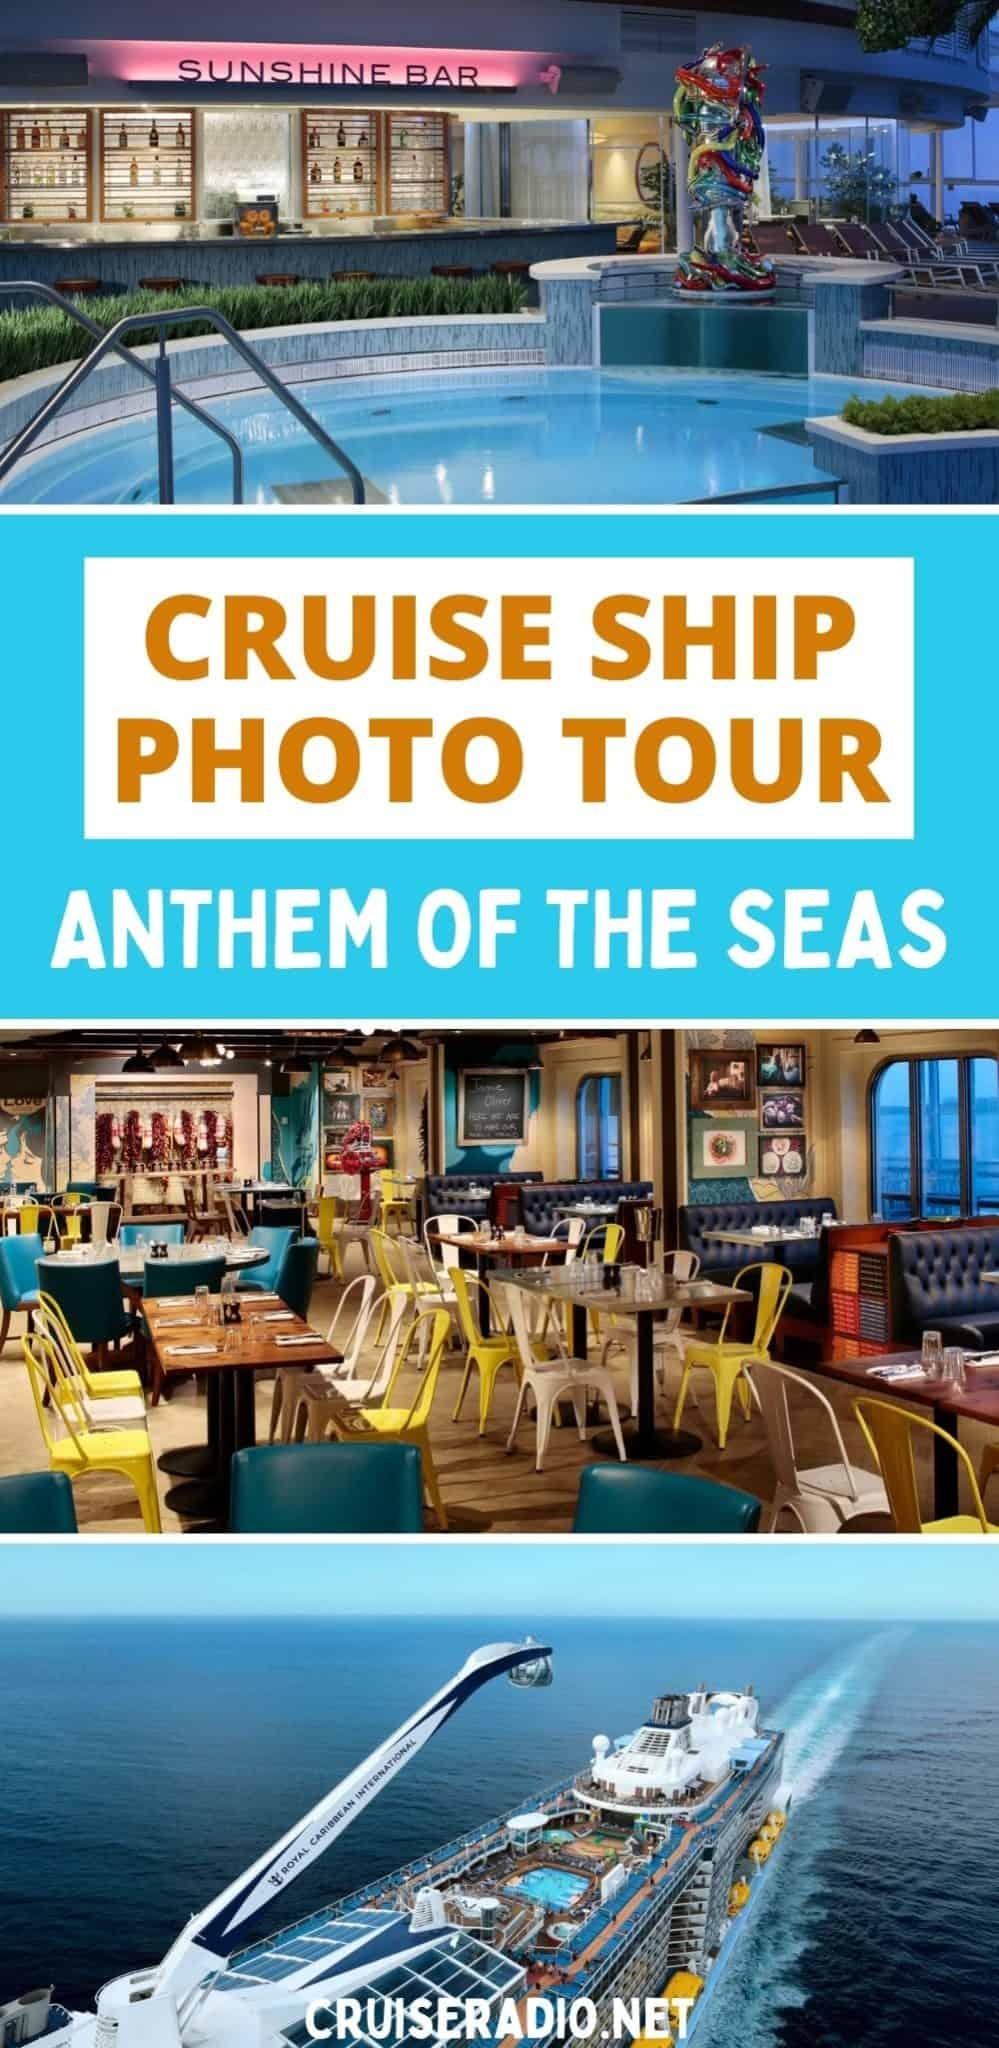 cruise ship photo tour anthem of the seas